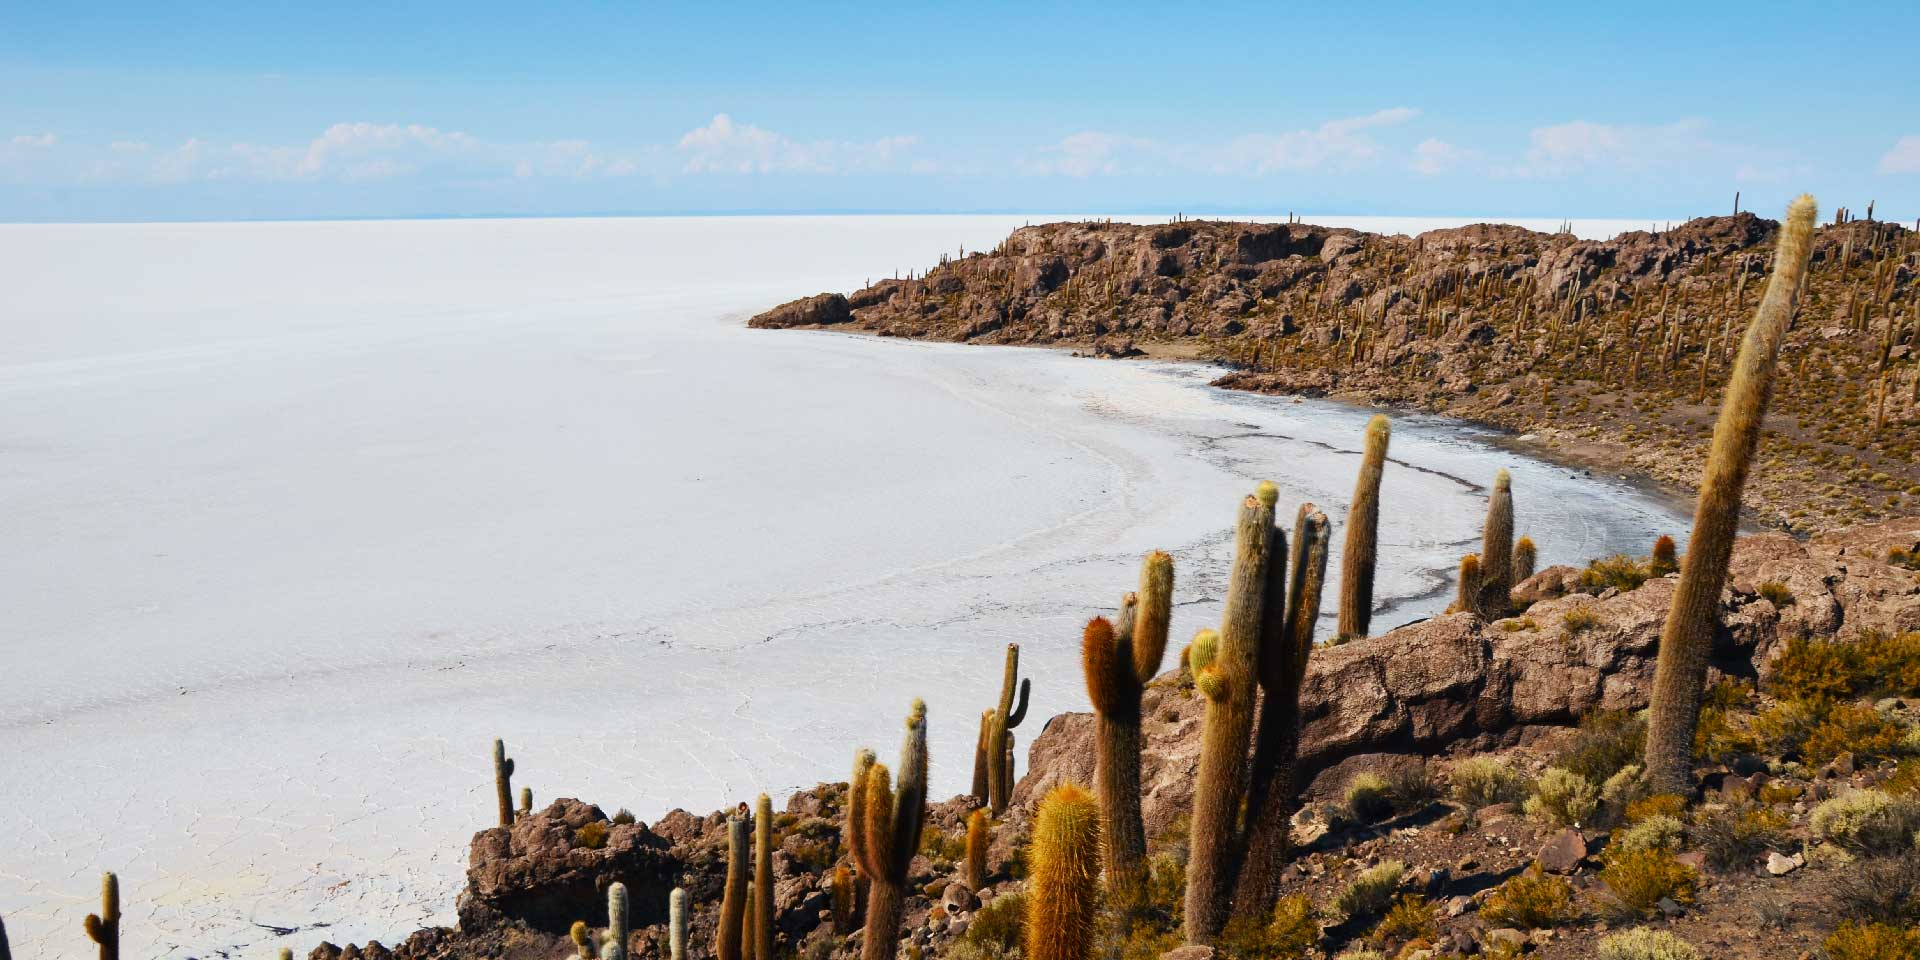 Bolivie-Salar-Uyuni-Incahuasi-c-G-8-web